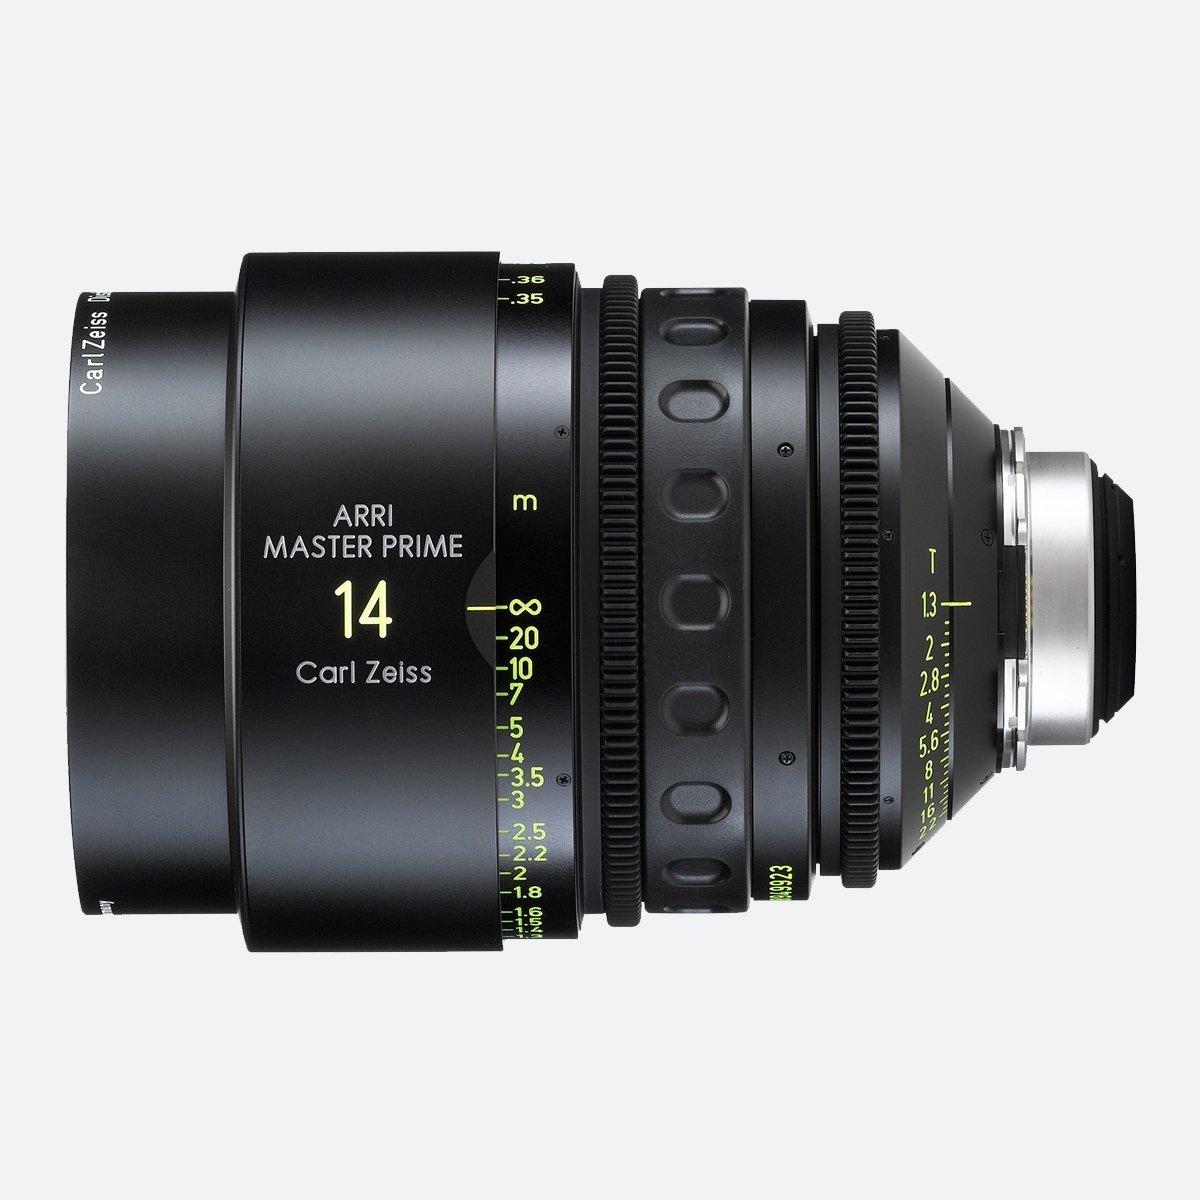 ARRI 14mm T1.3 Master Prime Lens